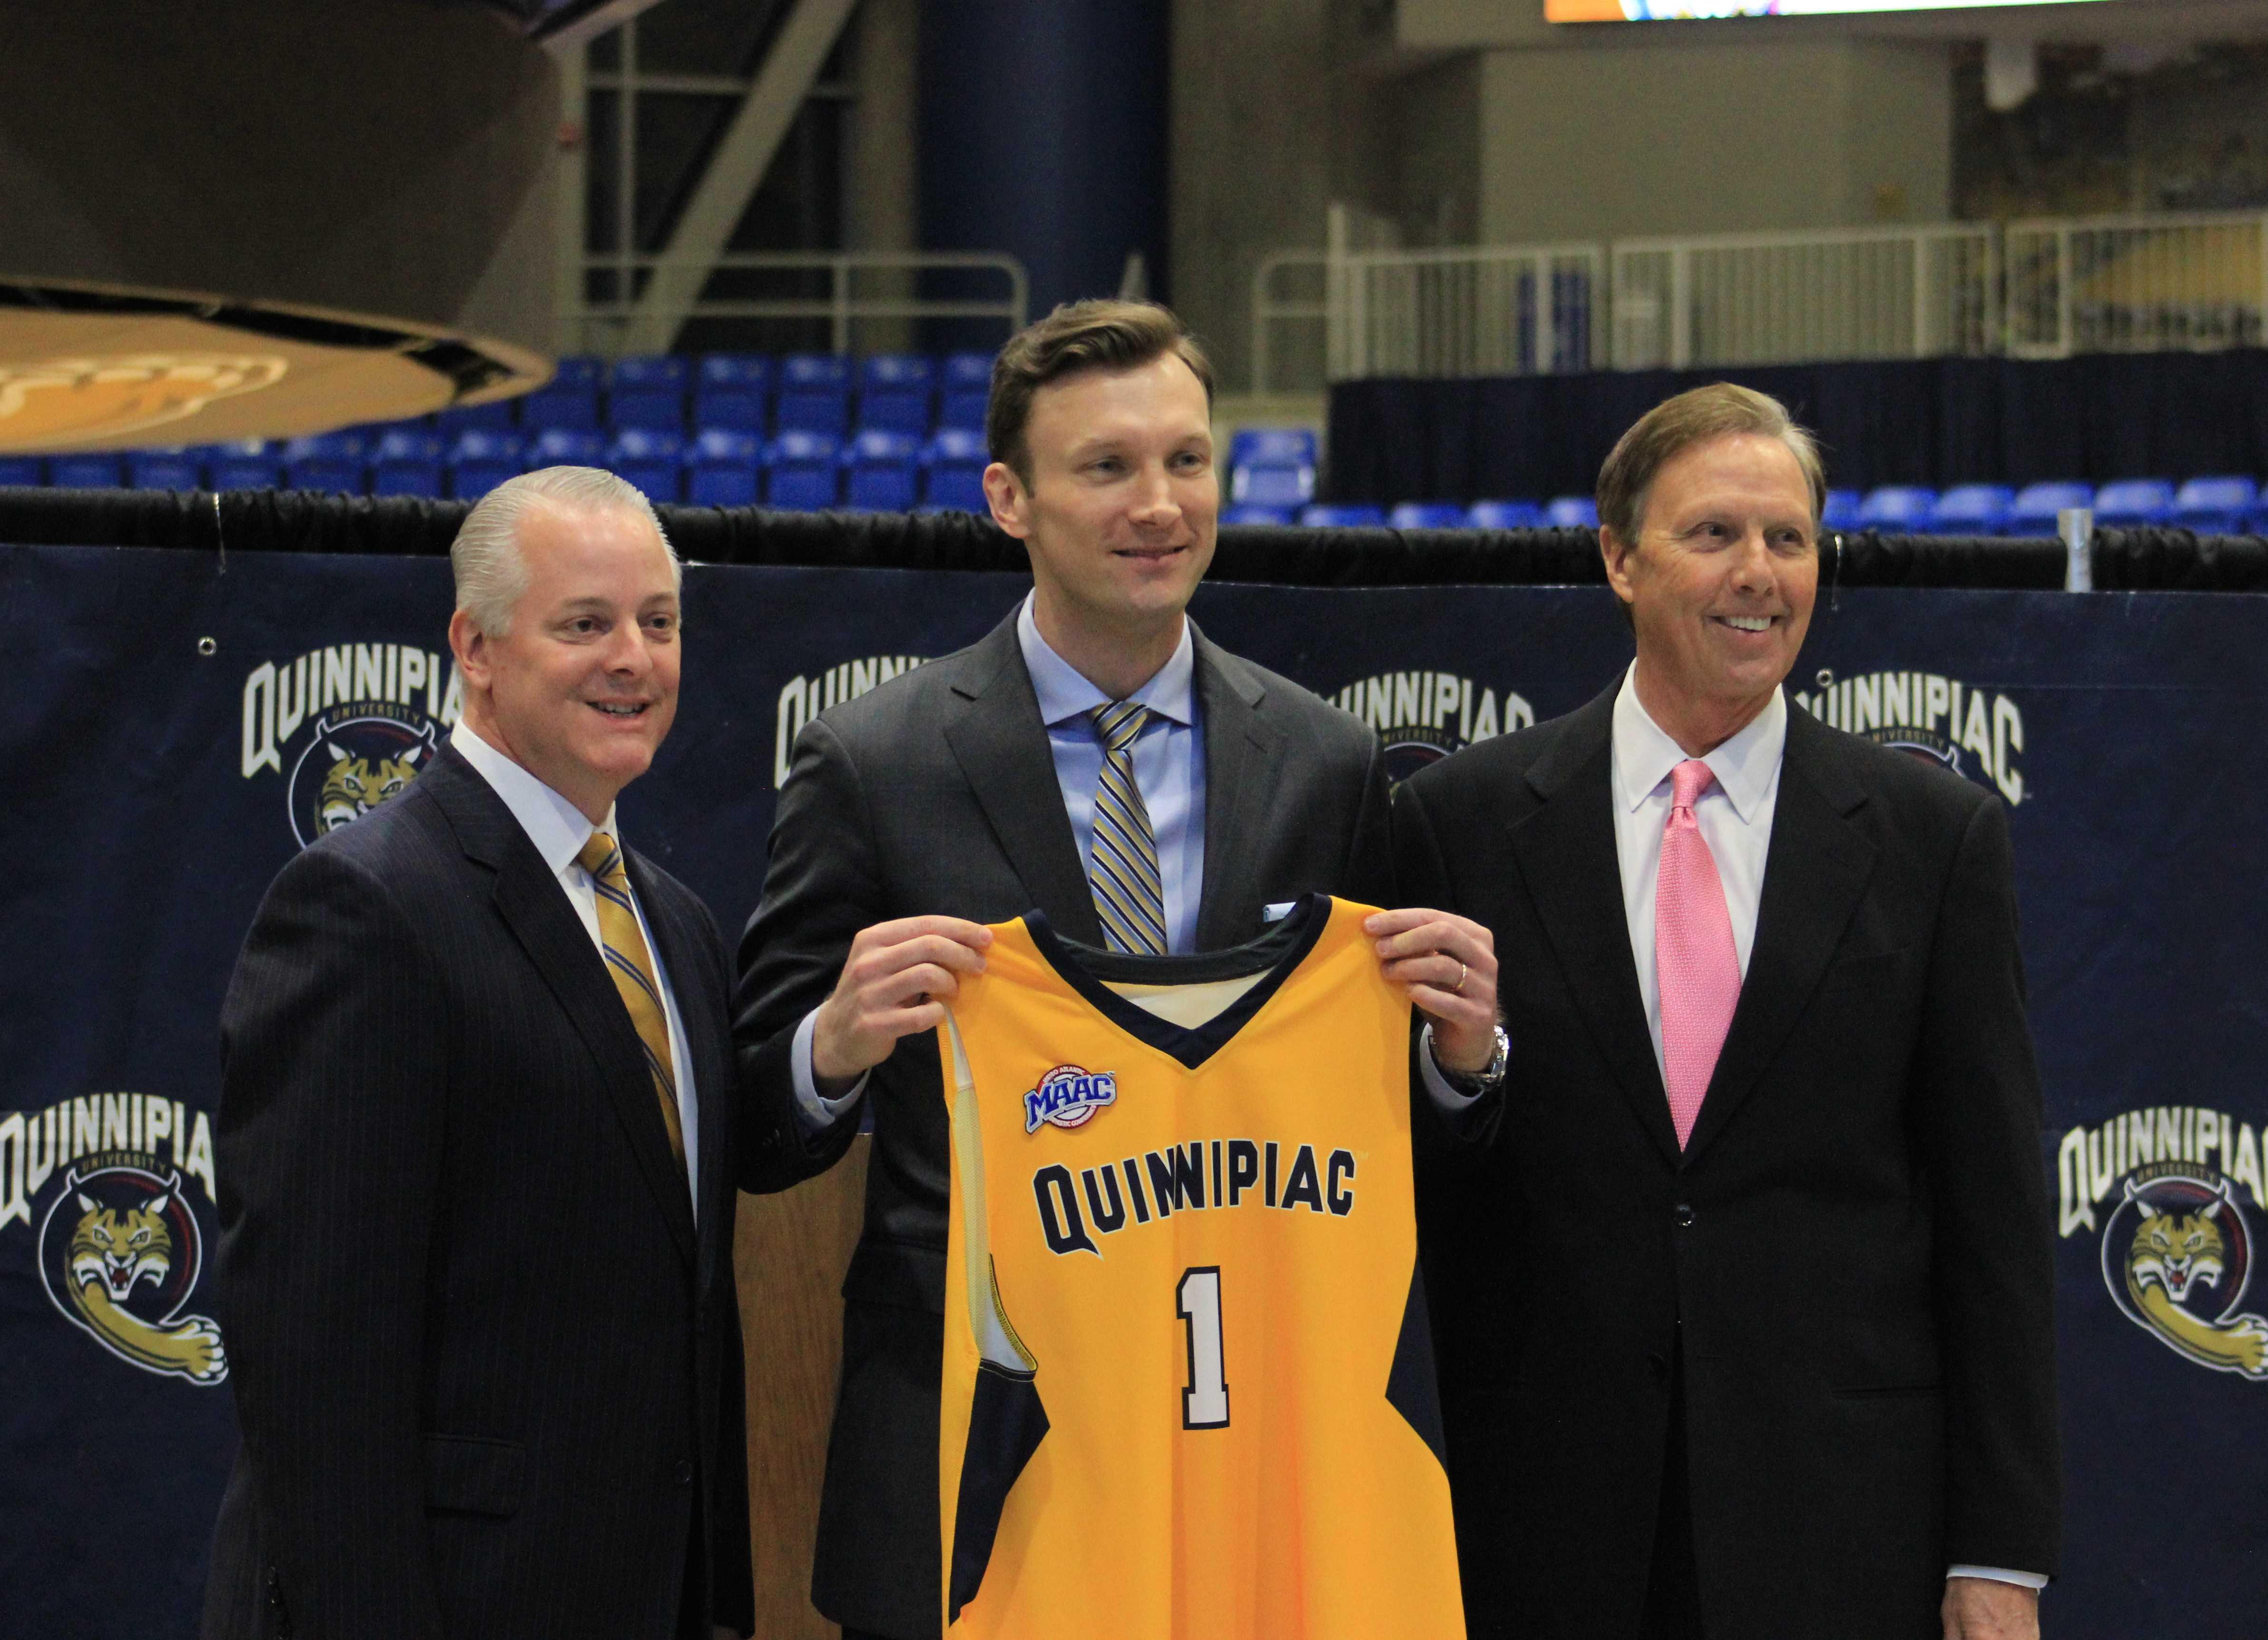 Quinnipiac introduces Baker Dunleavy as men's basketball coach